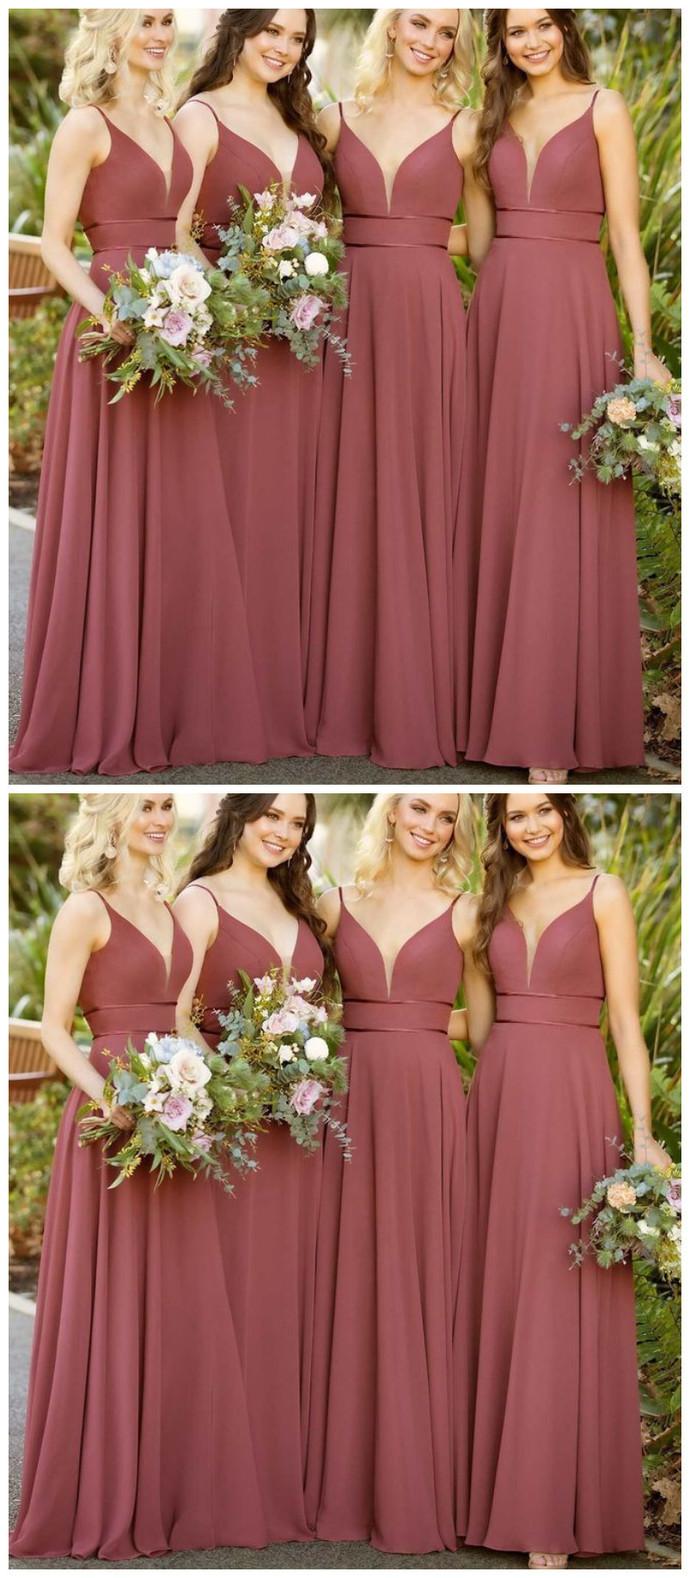 simple light sleeveless v-neck spaghetti-straps floor length bridesmaid dresses